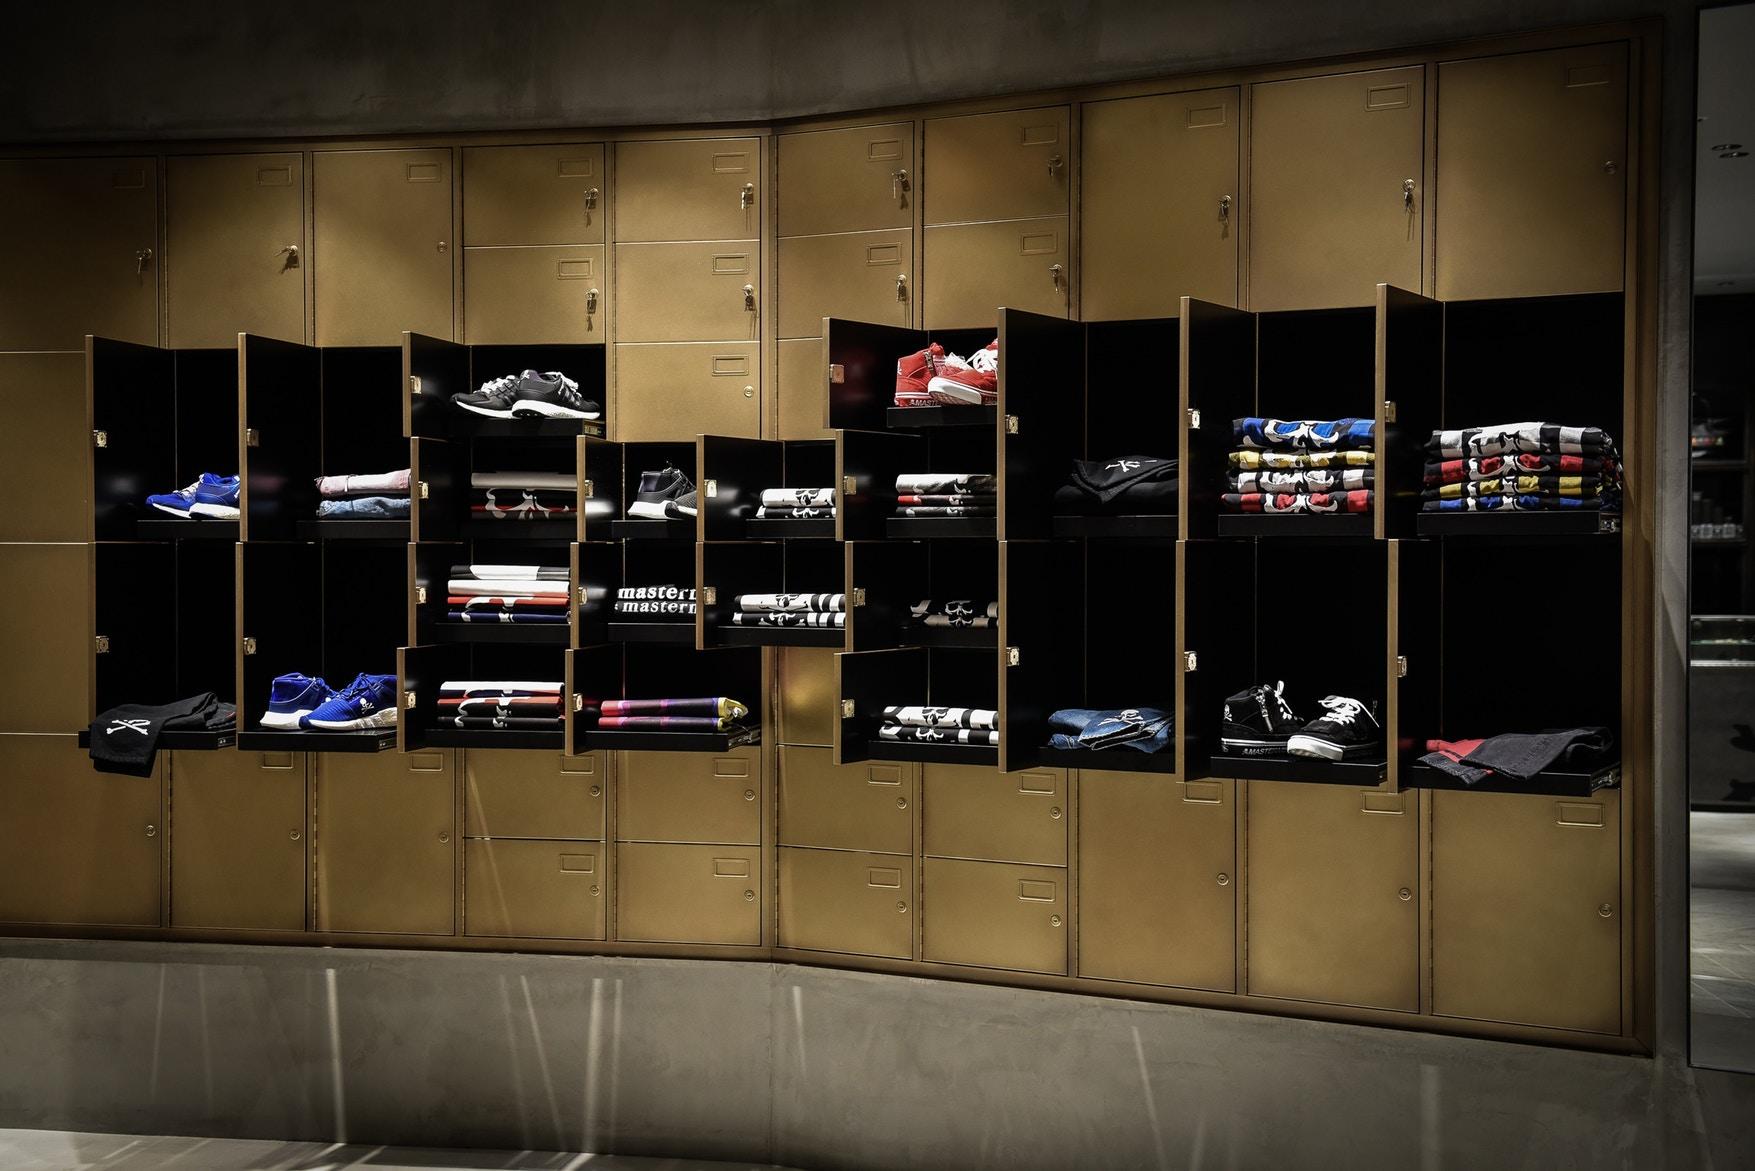 mastermind-tokyo-flagship-store-hibiya-midtown-5.jpg